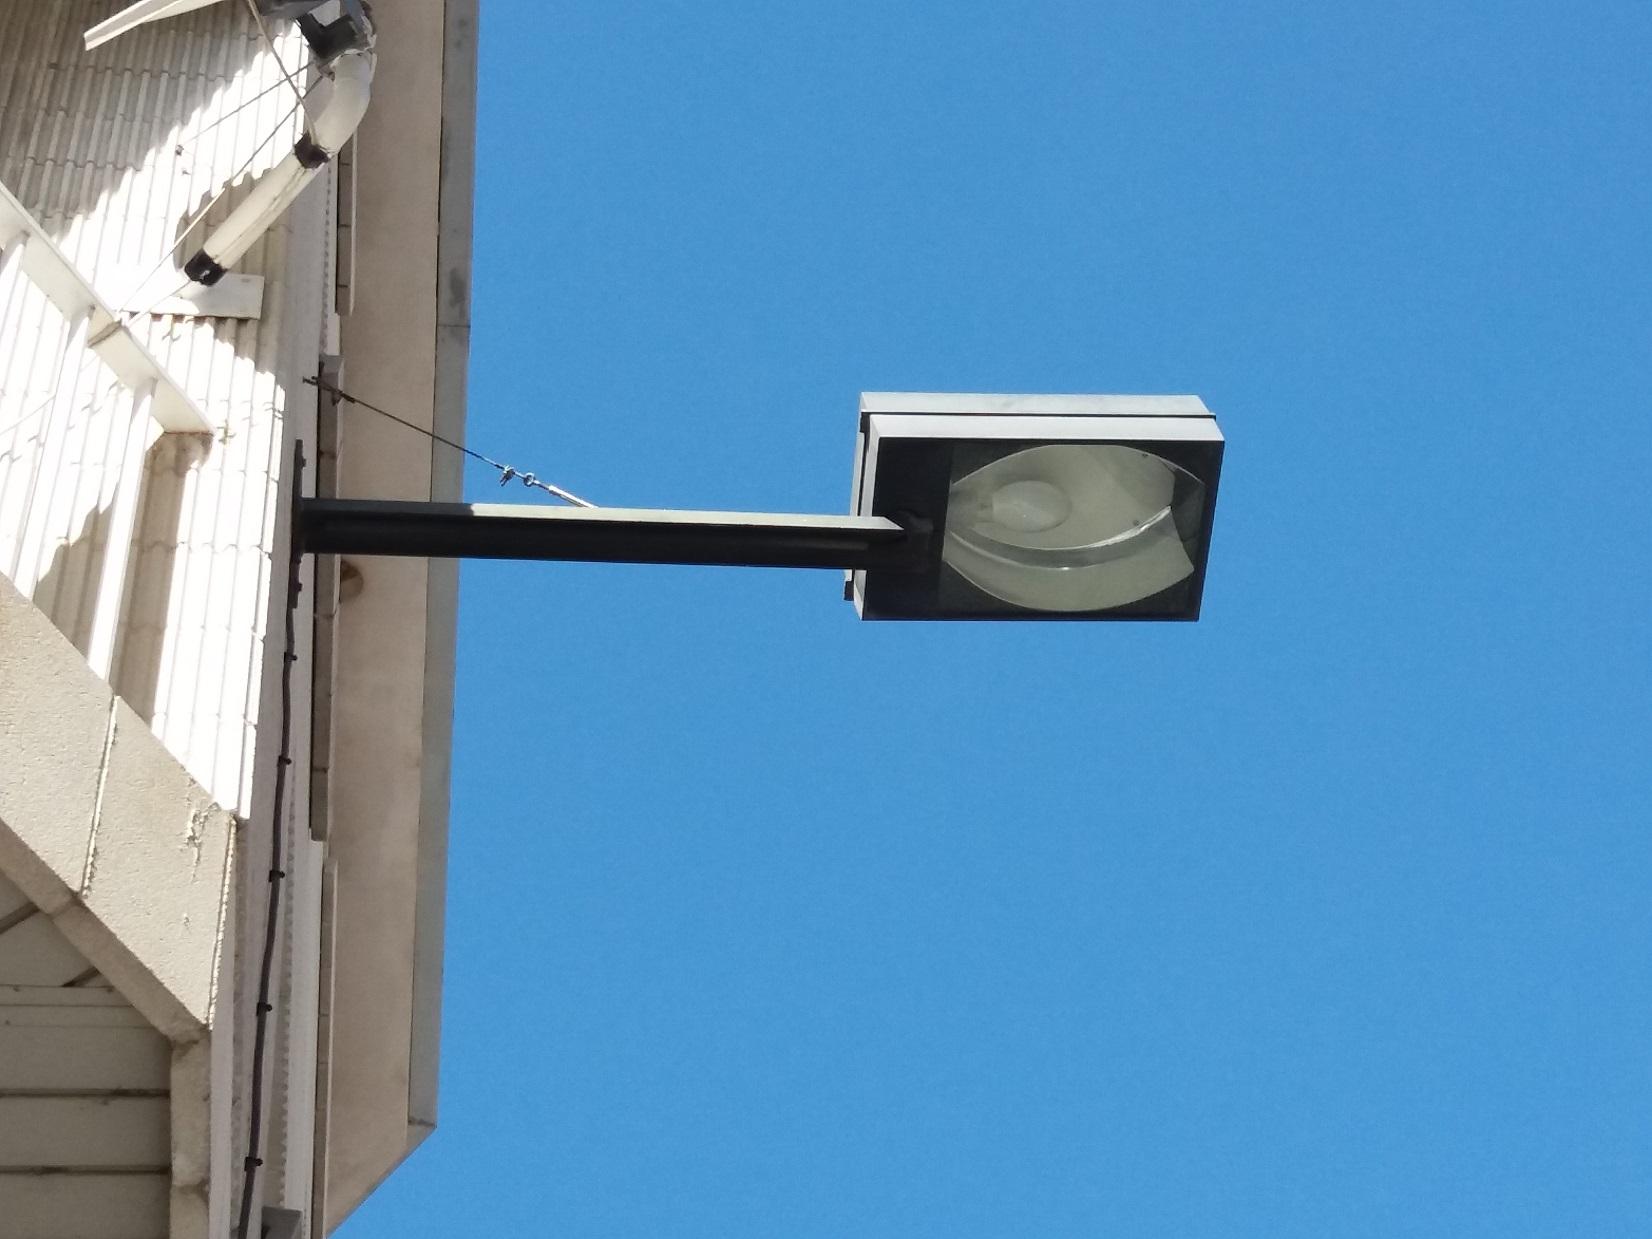 Reducció de la contaminació i consum energètics amb el canvi d'enllumenat de diversos carrers de Roses